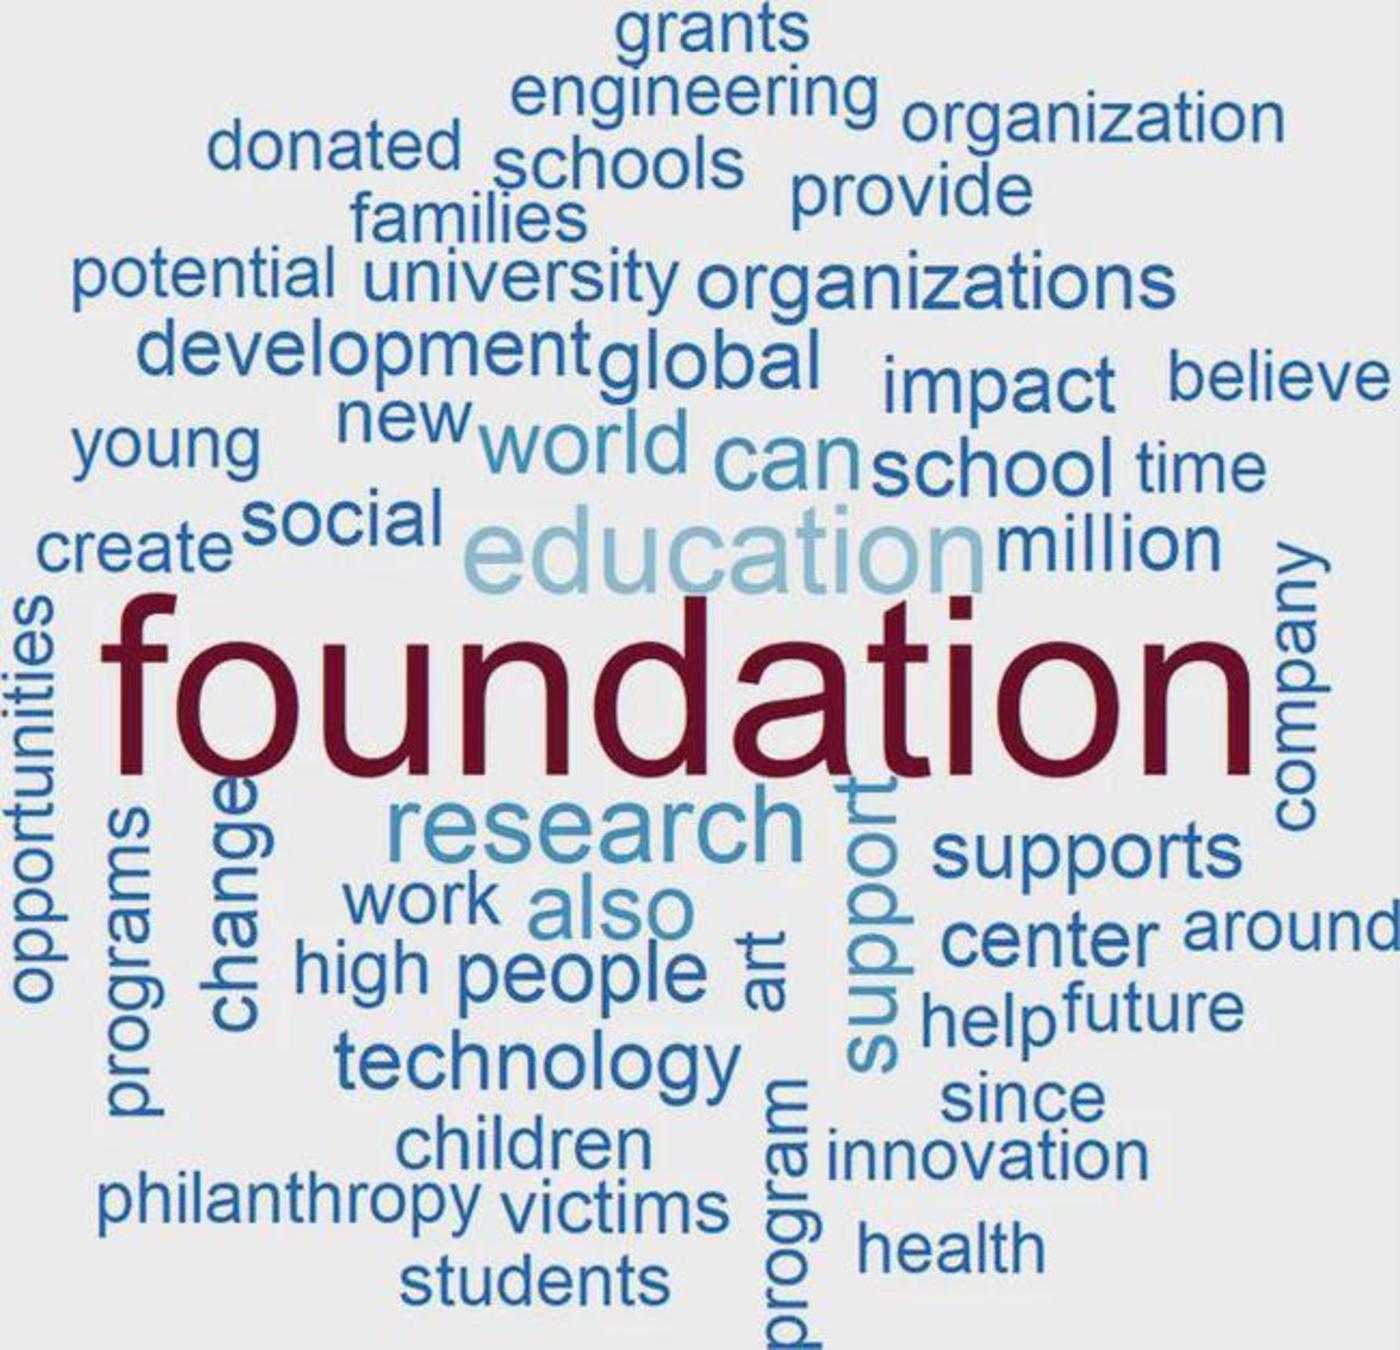 图   科技精英们在基金会的使命陈述中最常使用的 50 个词 (来源:PLUS ONE)